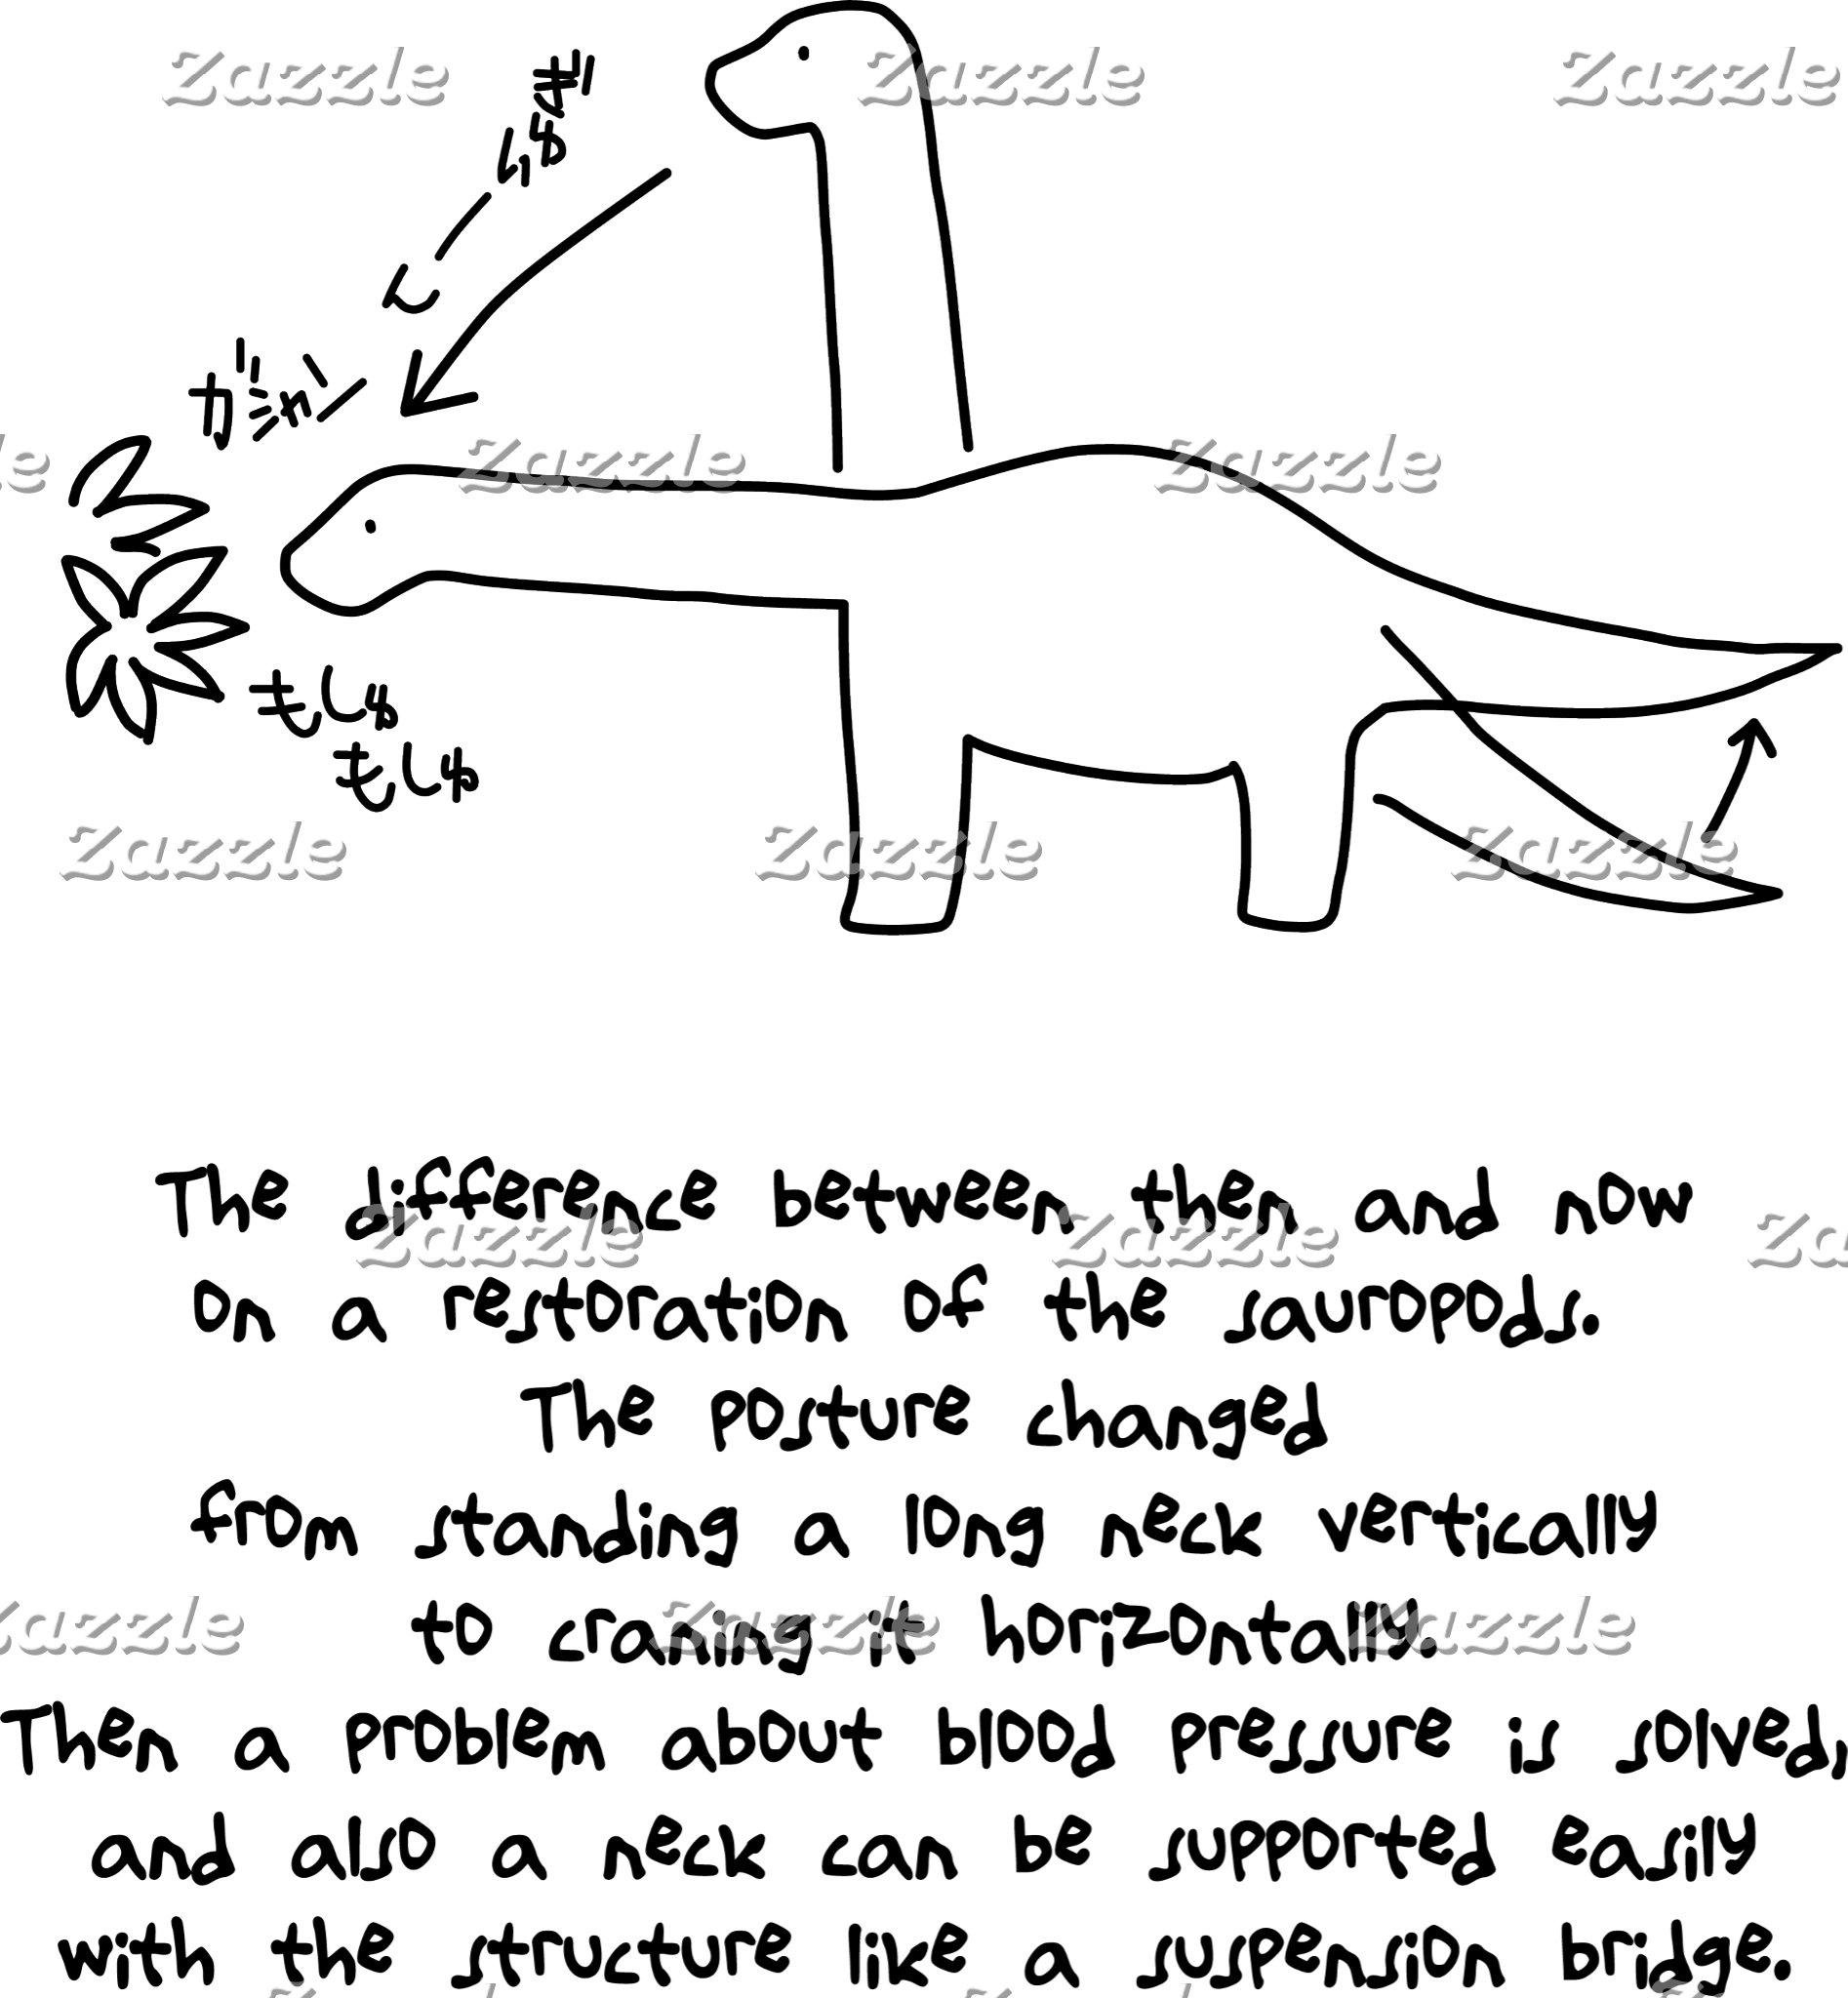 【恐竜今昔(効果音付き-黒】 Sauropods, then & now (w/ SE, black